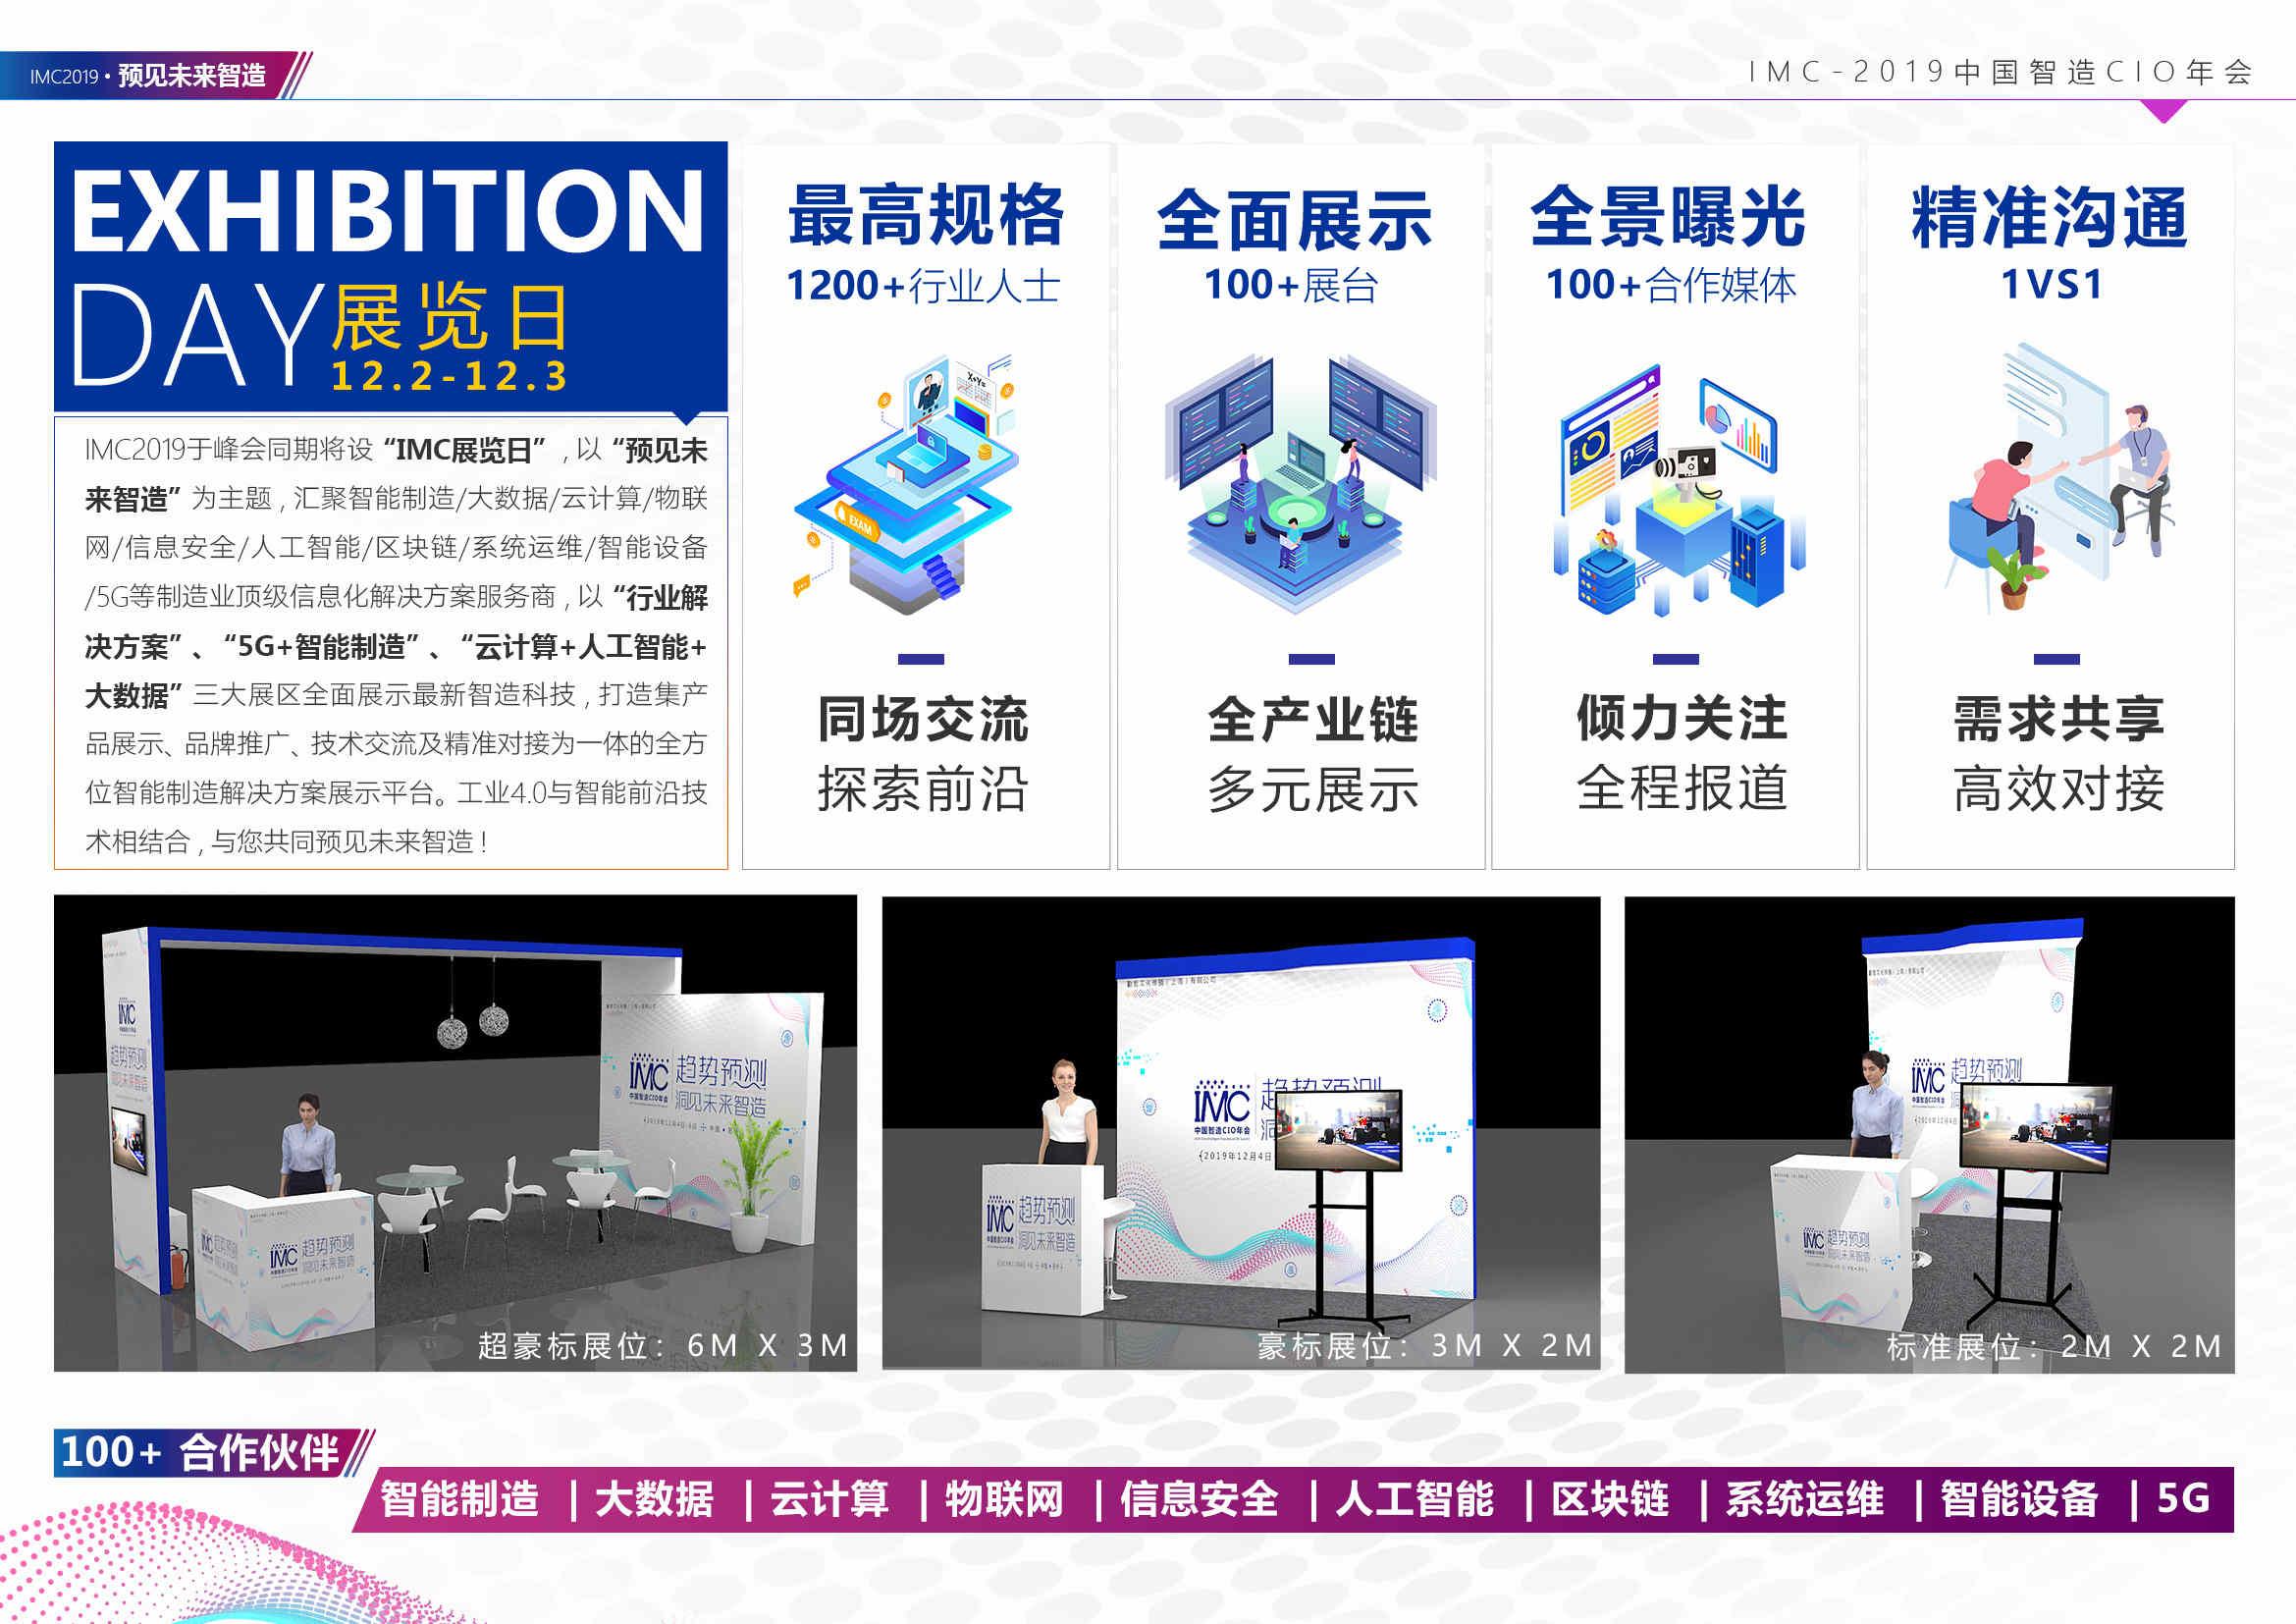 IMC 2019中國智造CIO年會(蘇州)